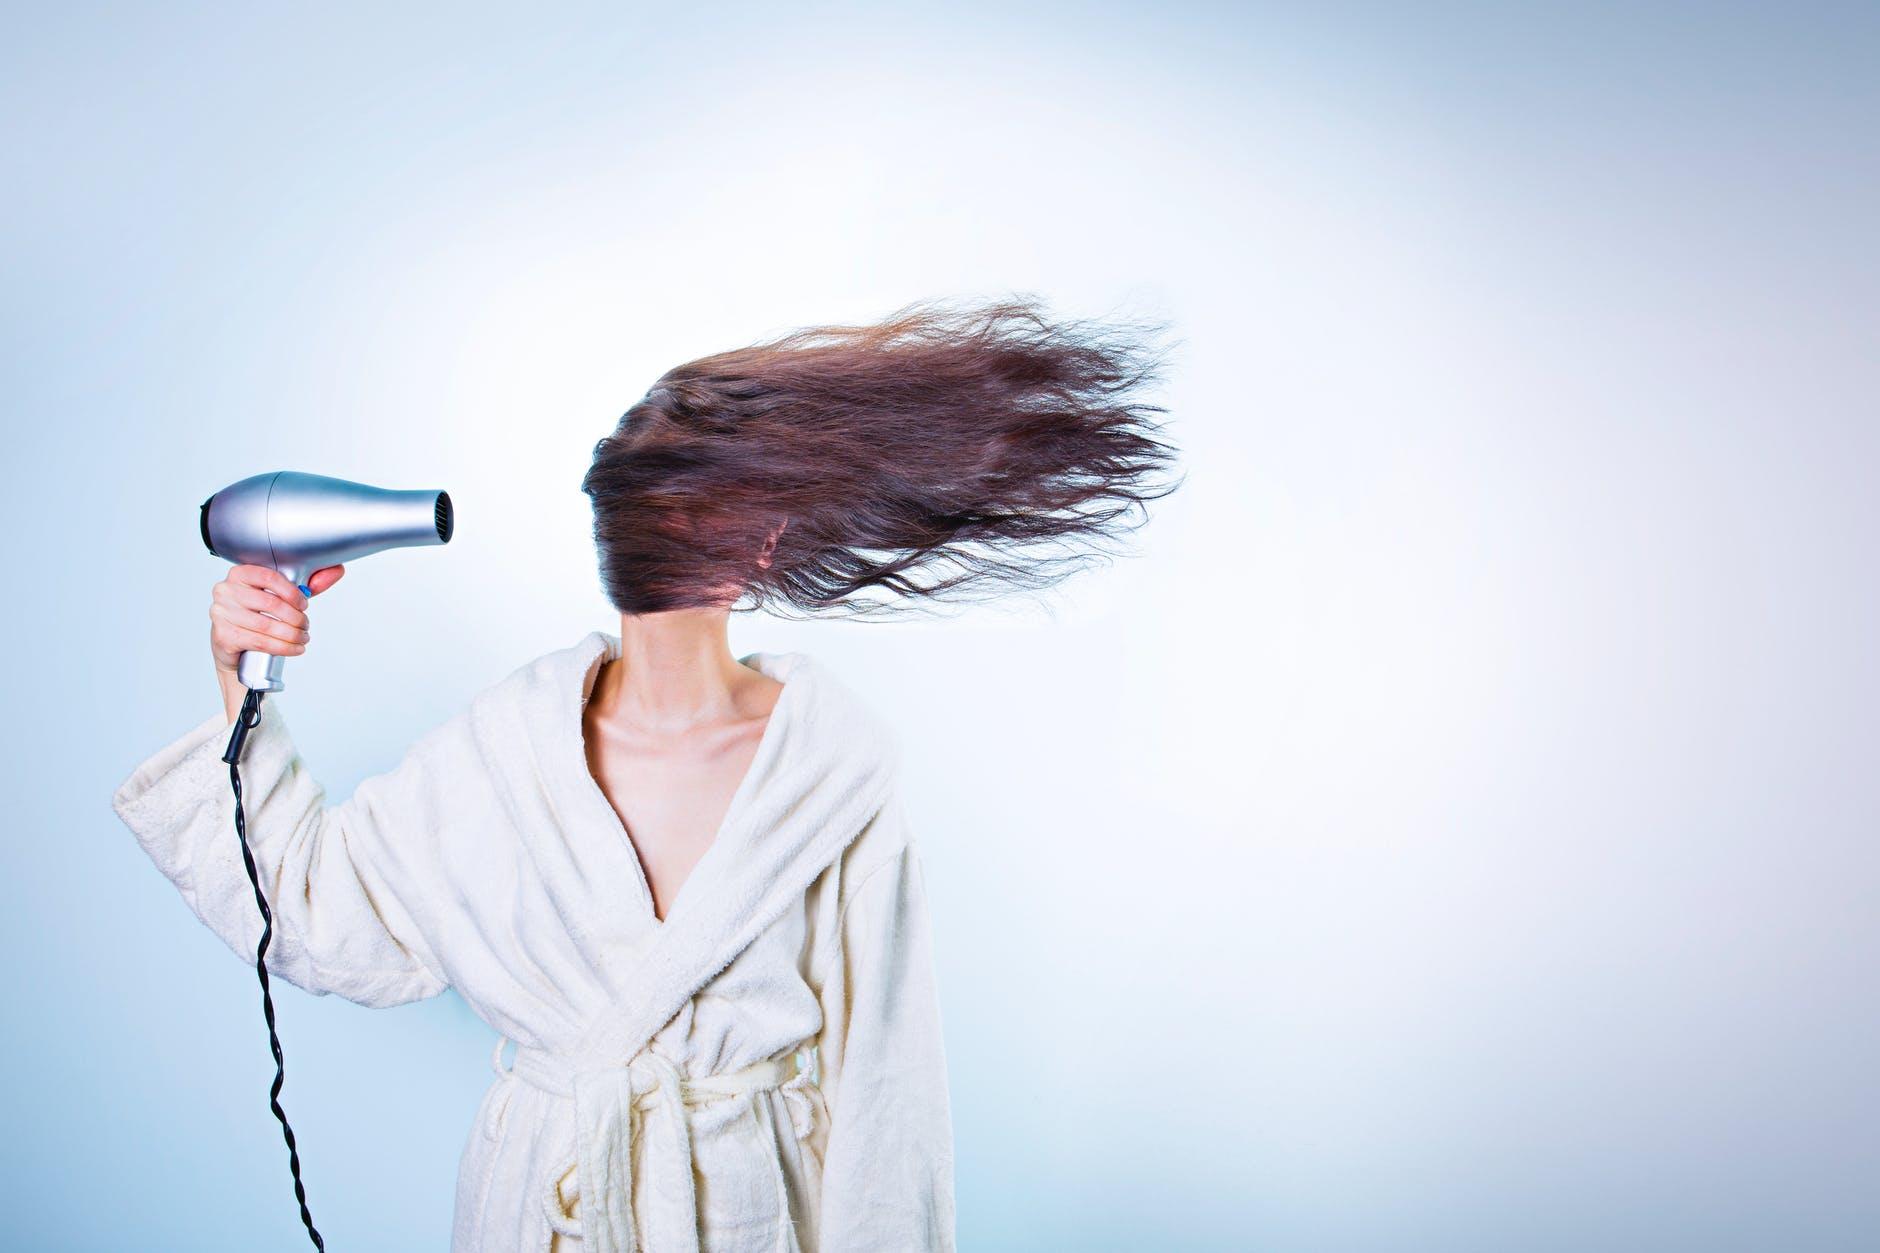 Entenda as razões da queda de cabelo (Imagem: Gratisografia)